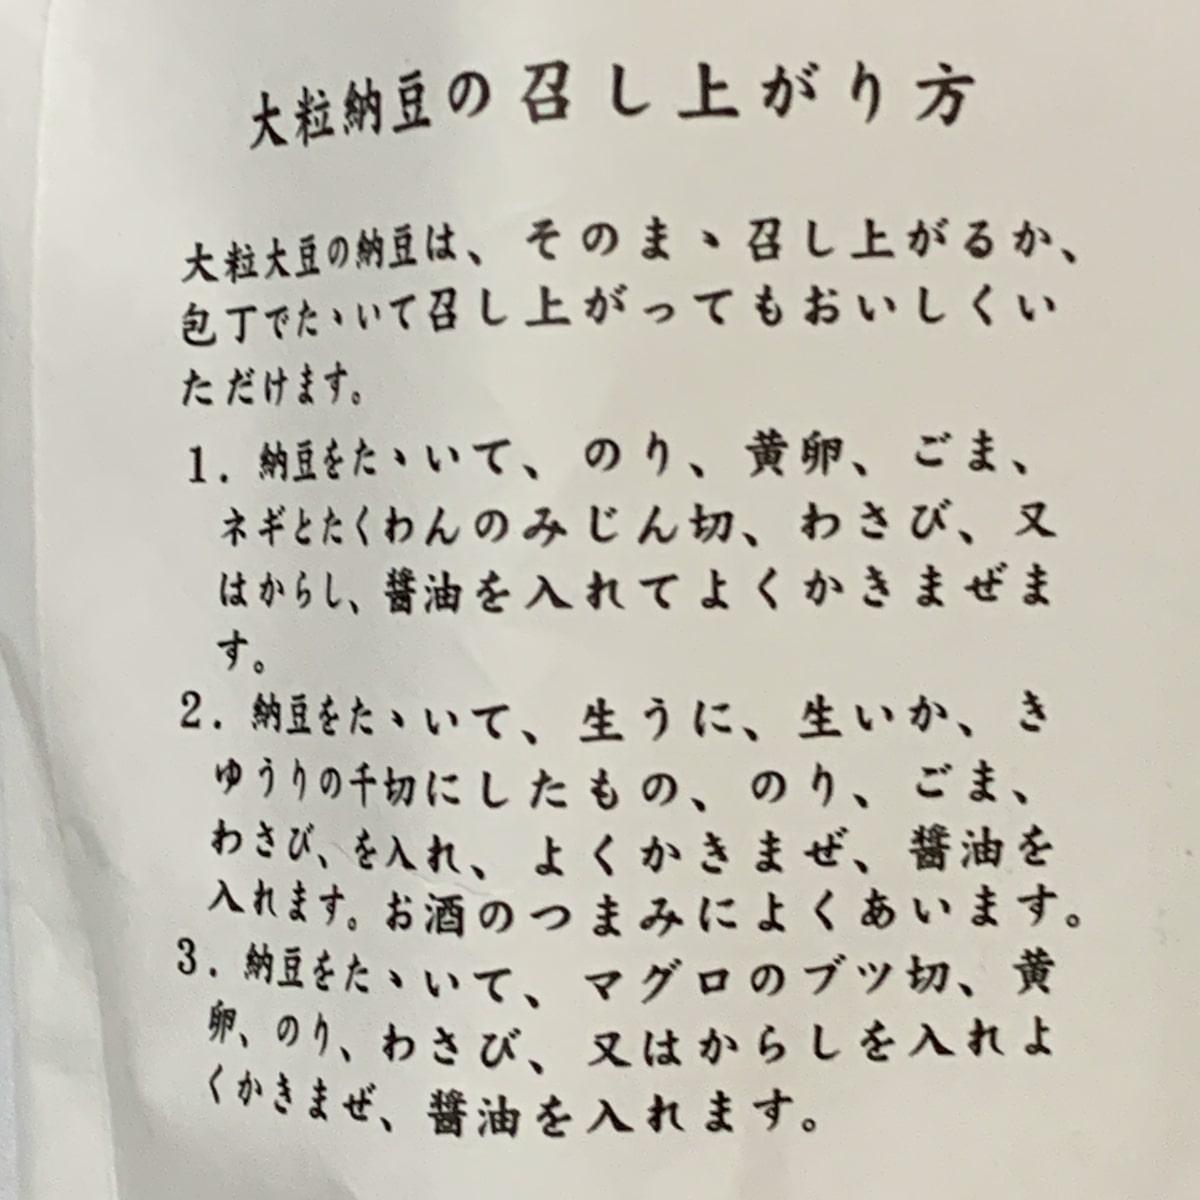 柴崎納豆の裏面の文字の画像 その2